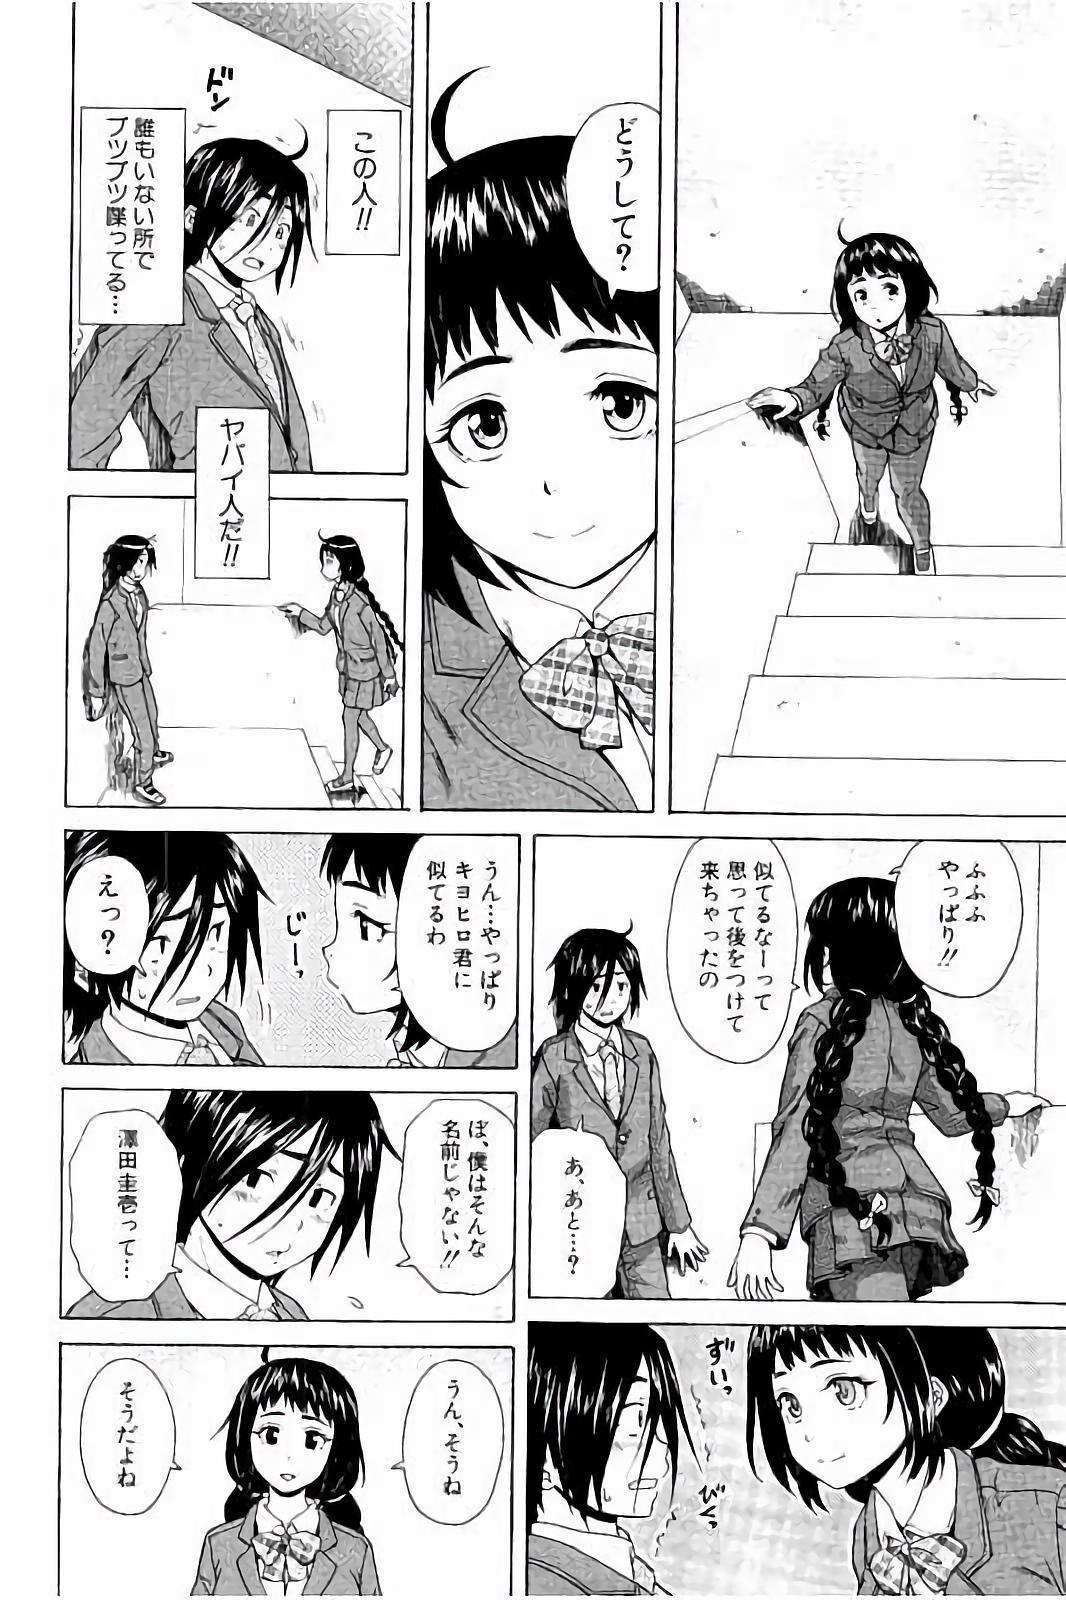 Ane no Himitsu To Boku no Jisatsu 9